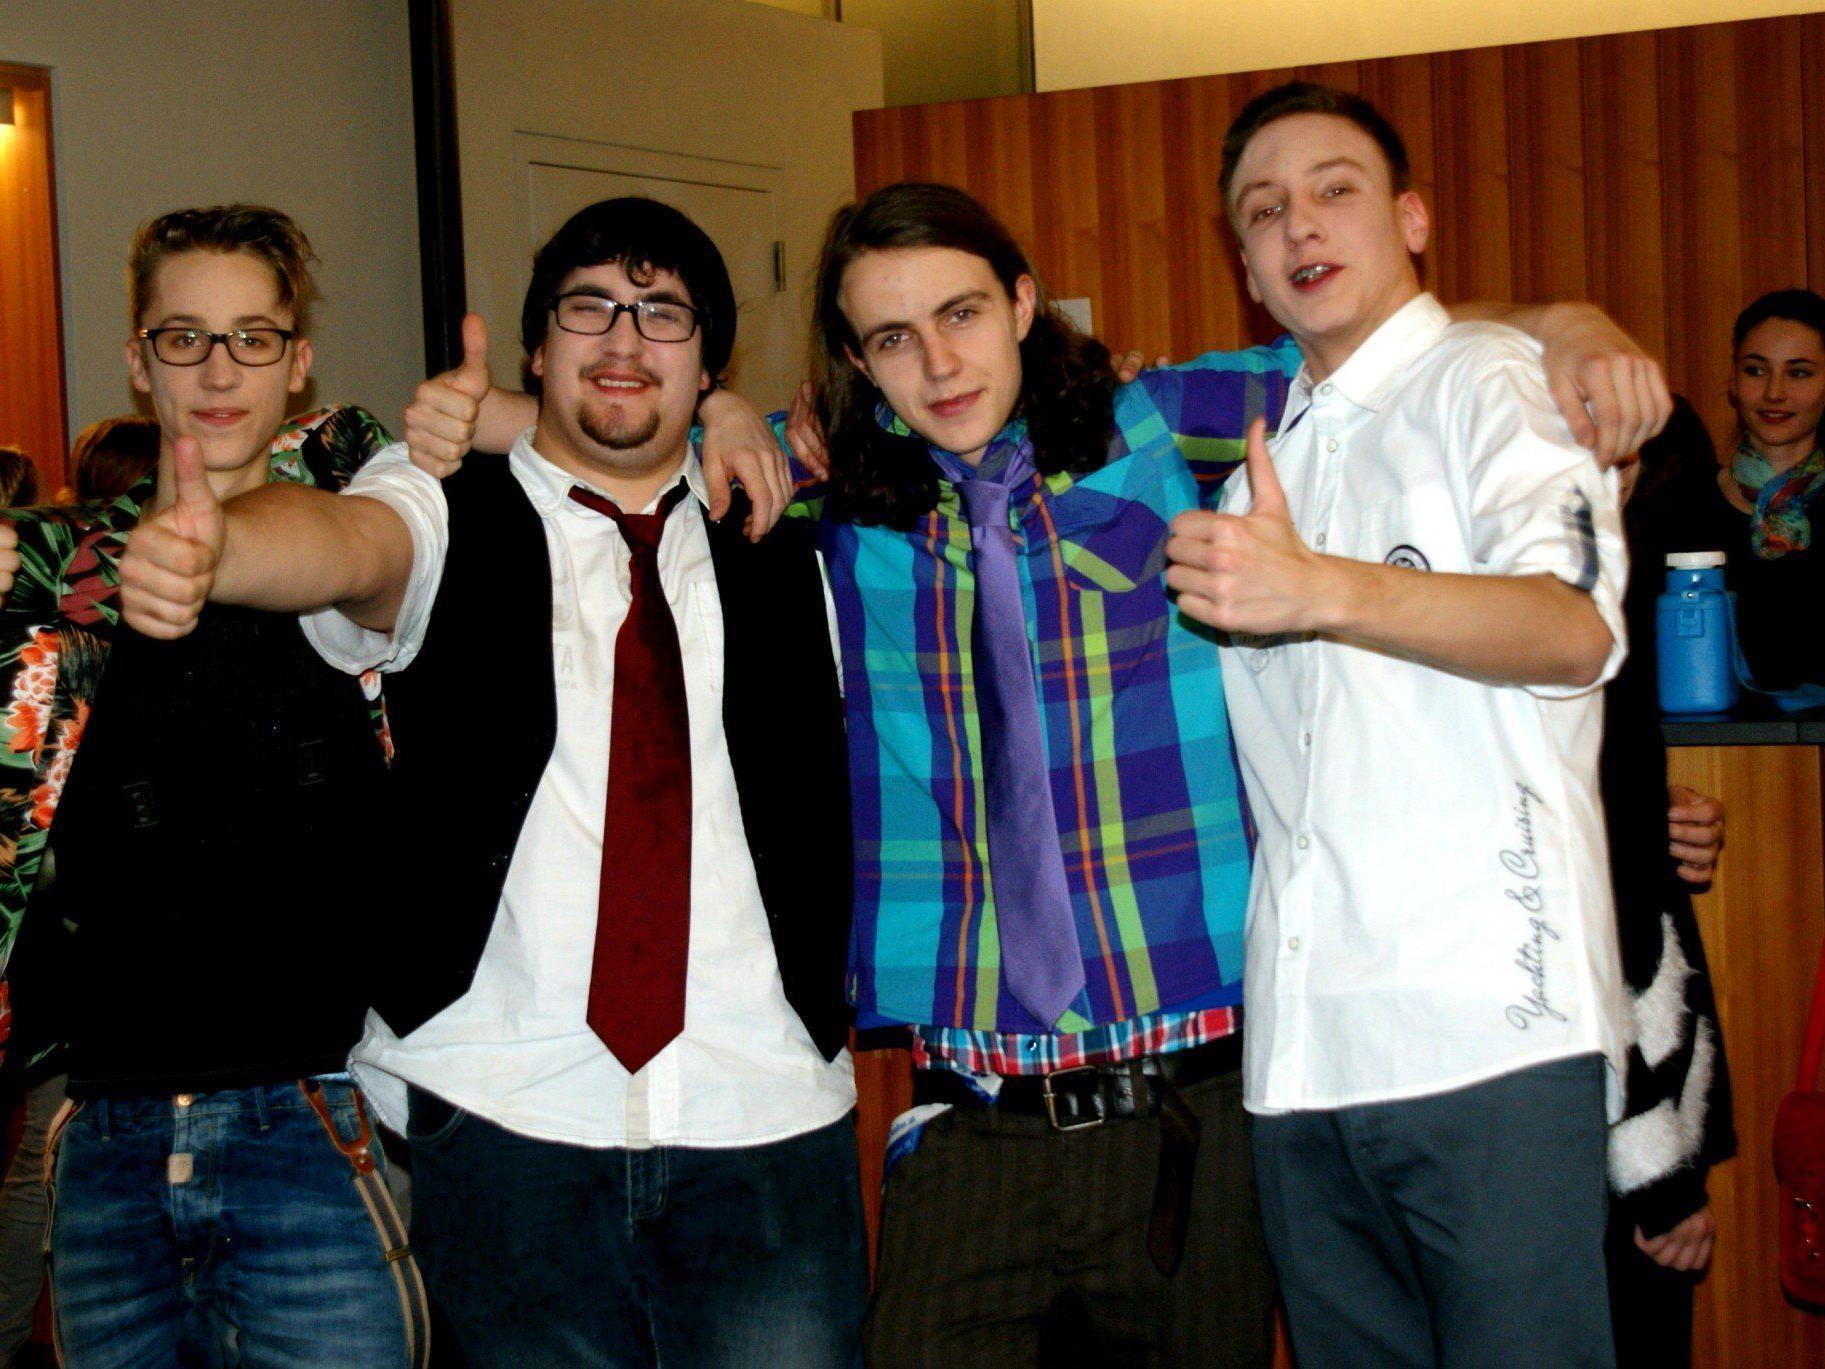 Vier coole Jungs, die ihren Traum verwirklichen!